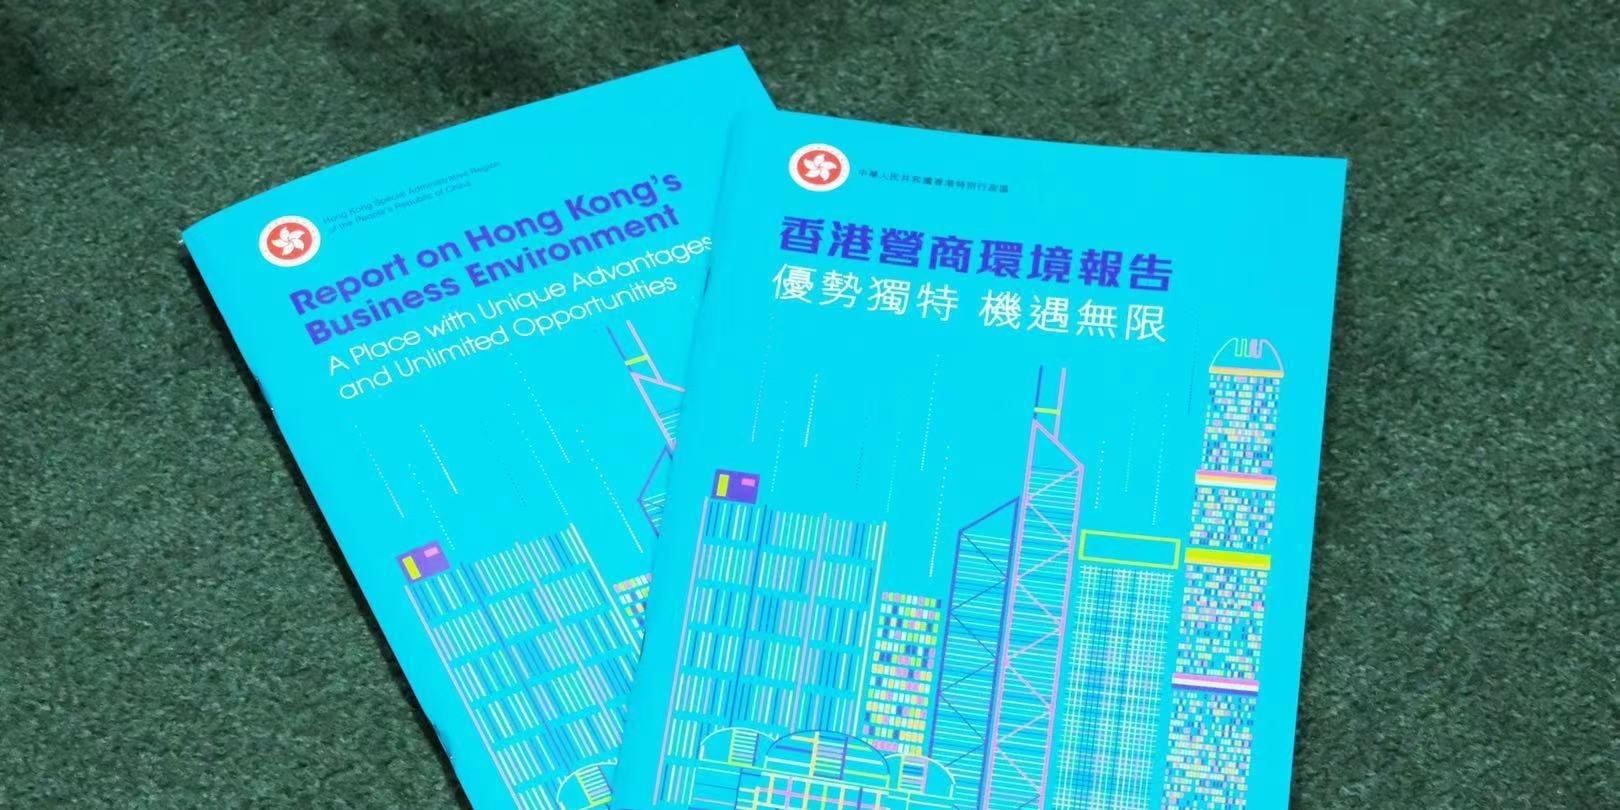 營商環境報告:落實愛國者治港 有力維護香港營商環境